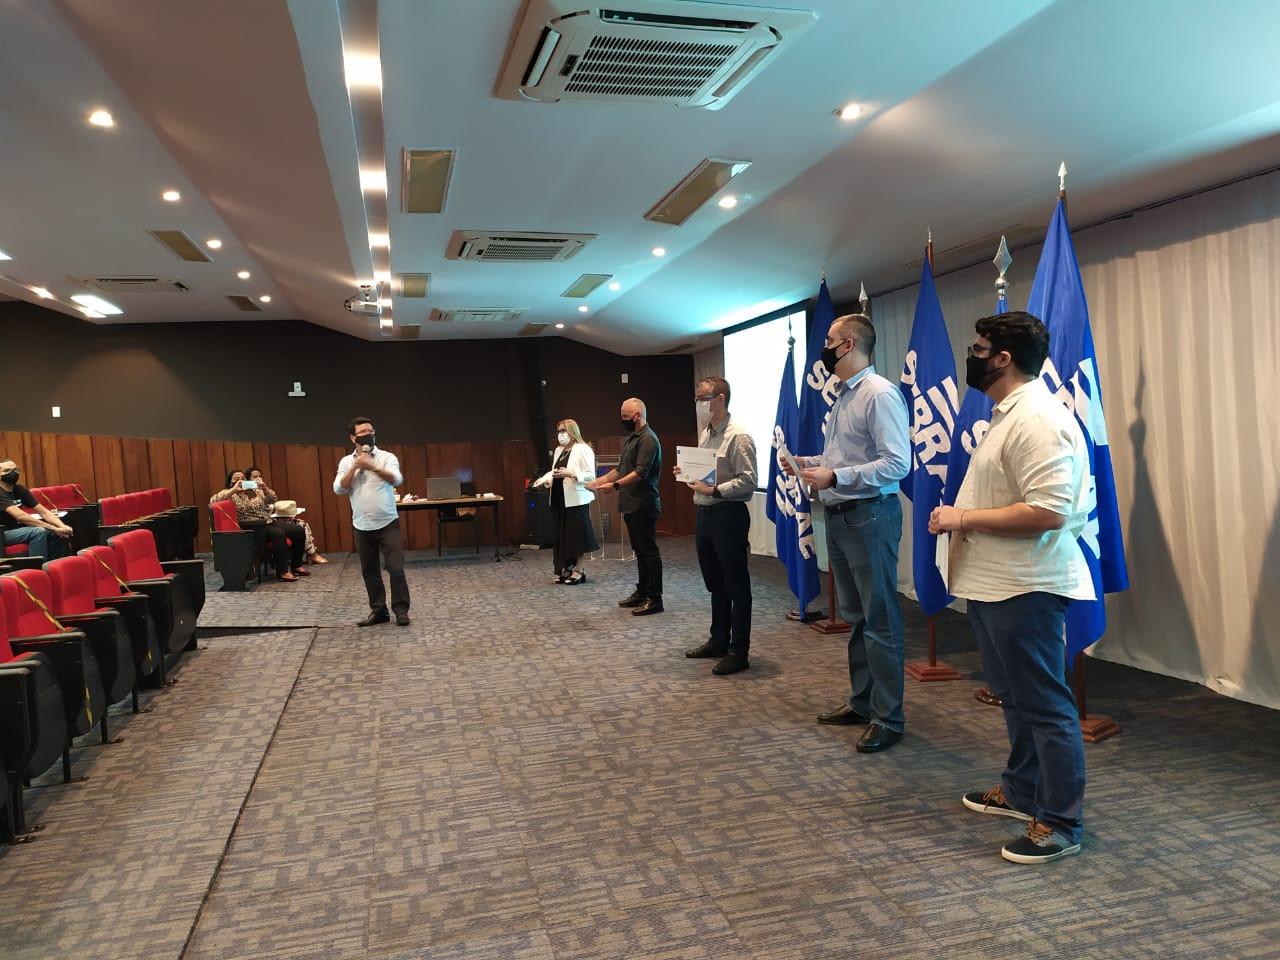 Governo e Sebrae qualificam 80 servidores públicos em curso de Gestão Contratual